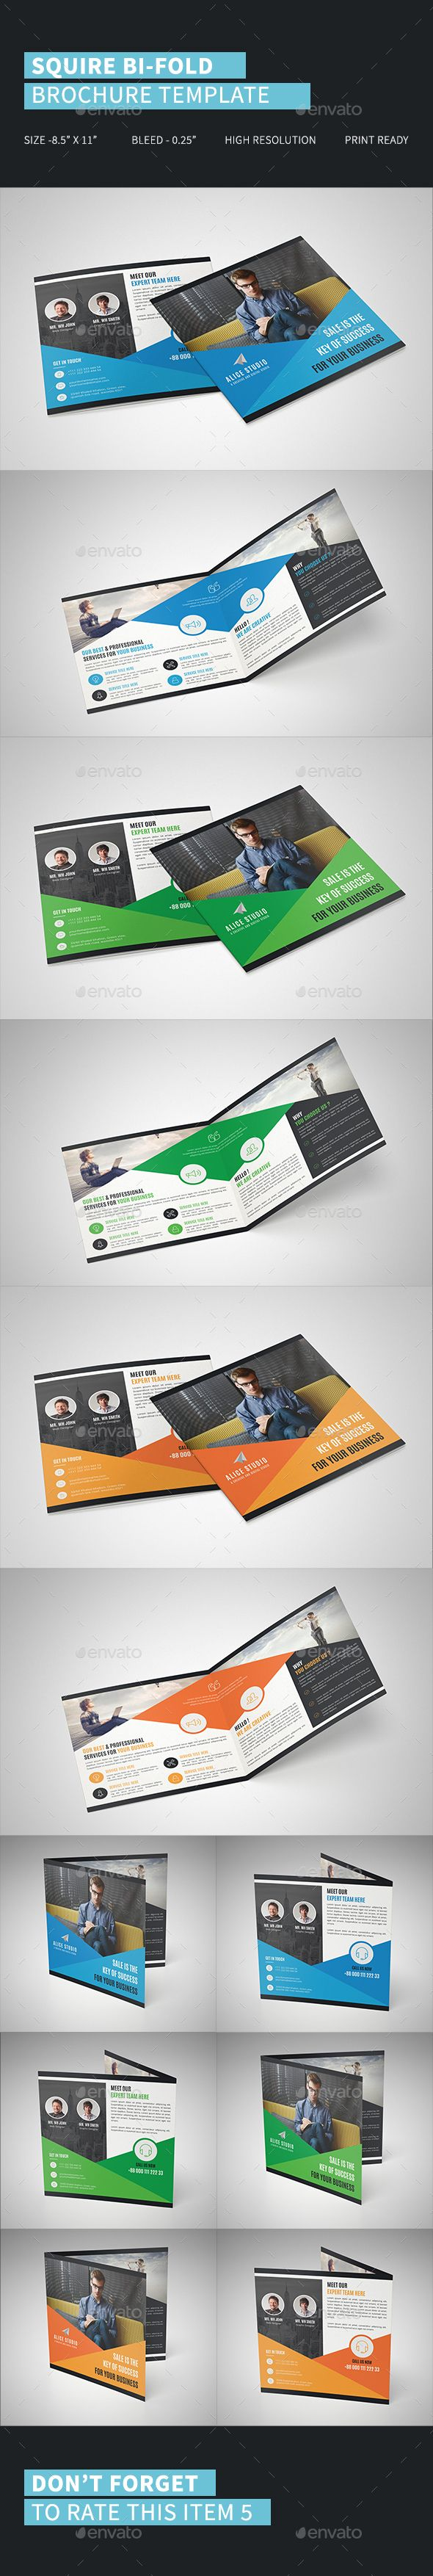 Squire BiFold Brochure Template  Brochure Template Brochures